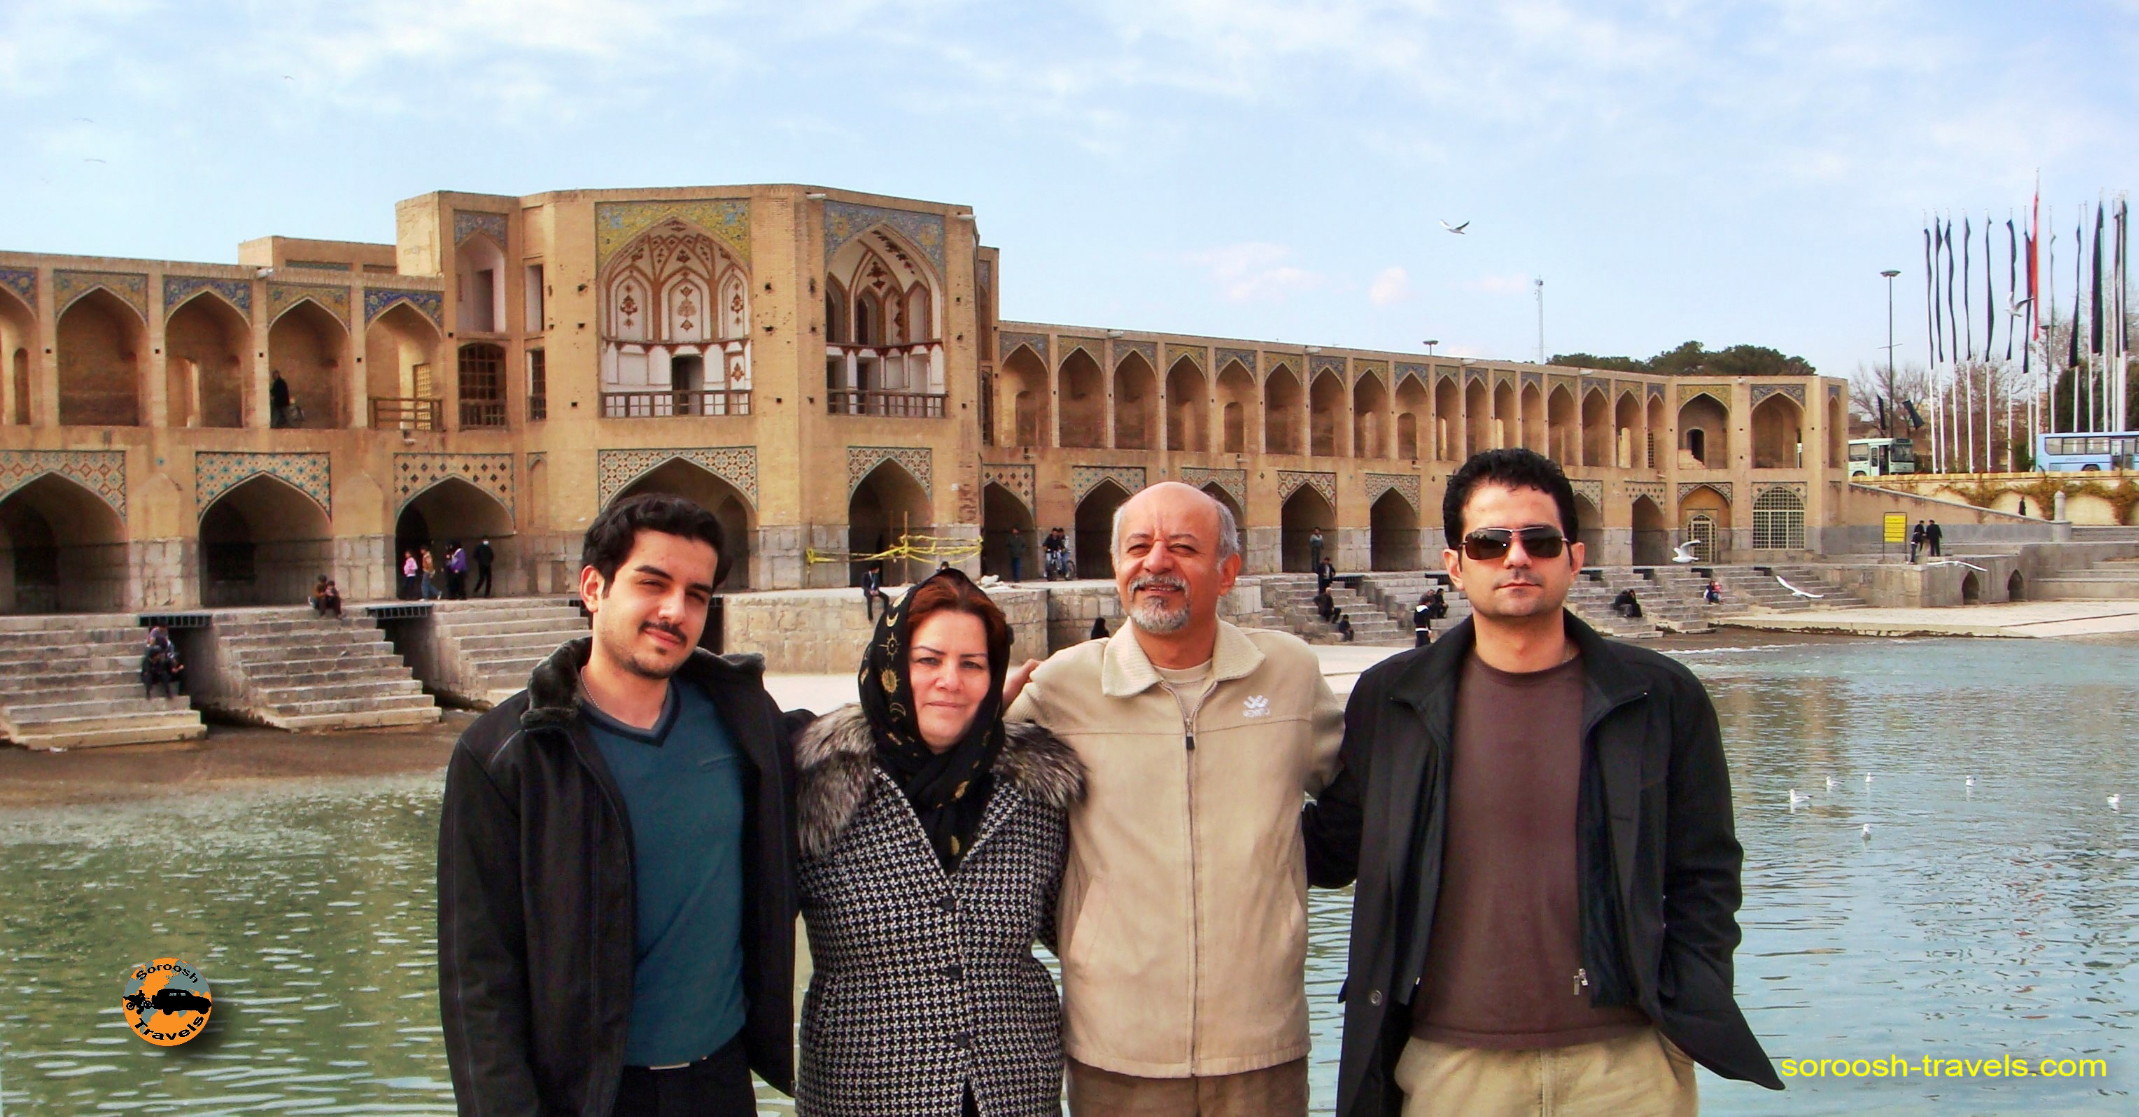 esfahan-koohrang-googad-maranjaab-tehran-winter-1388-2